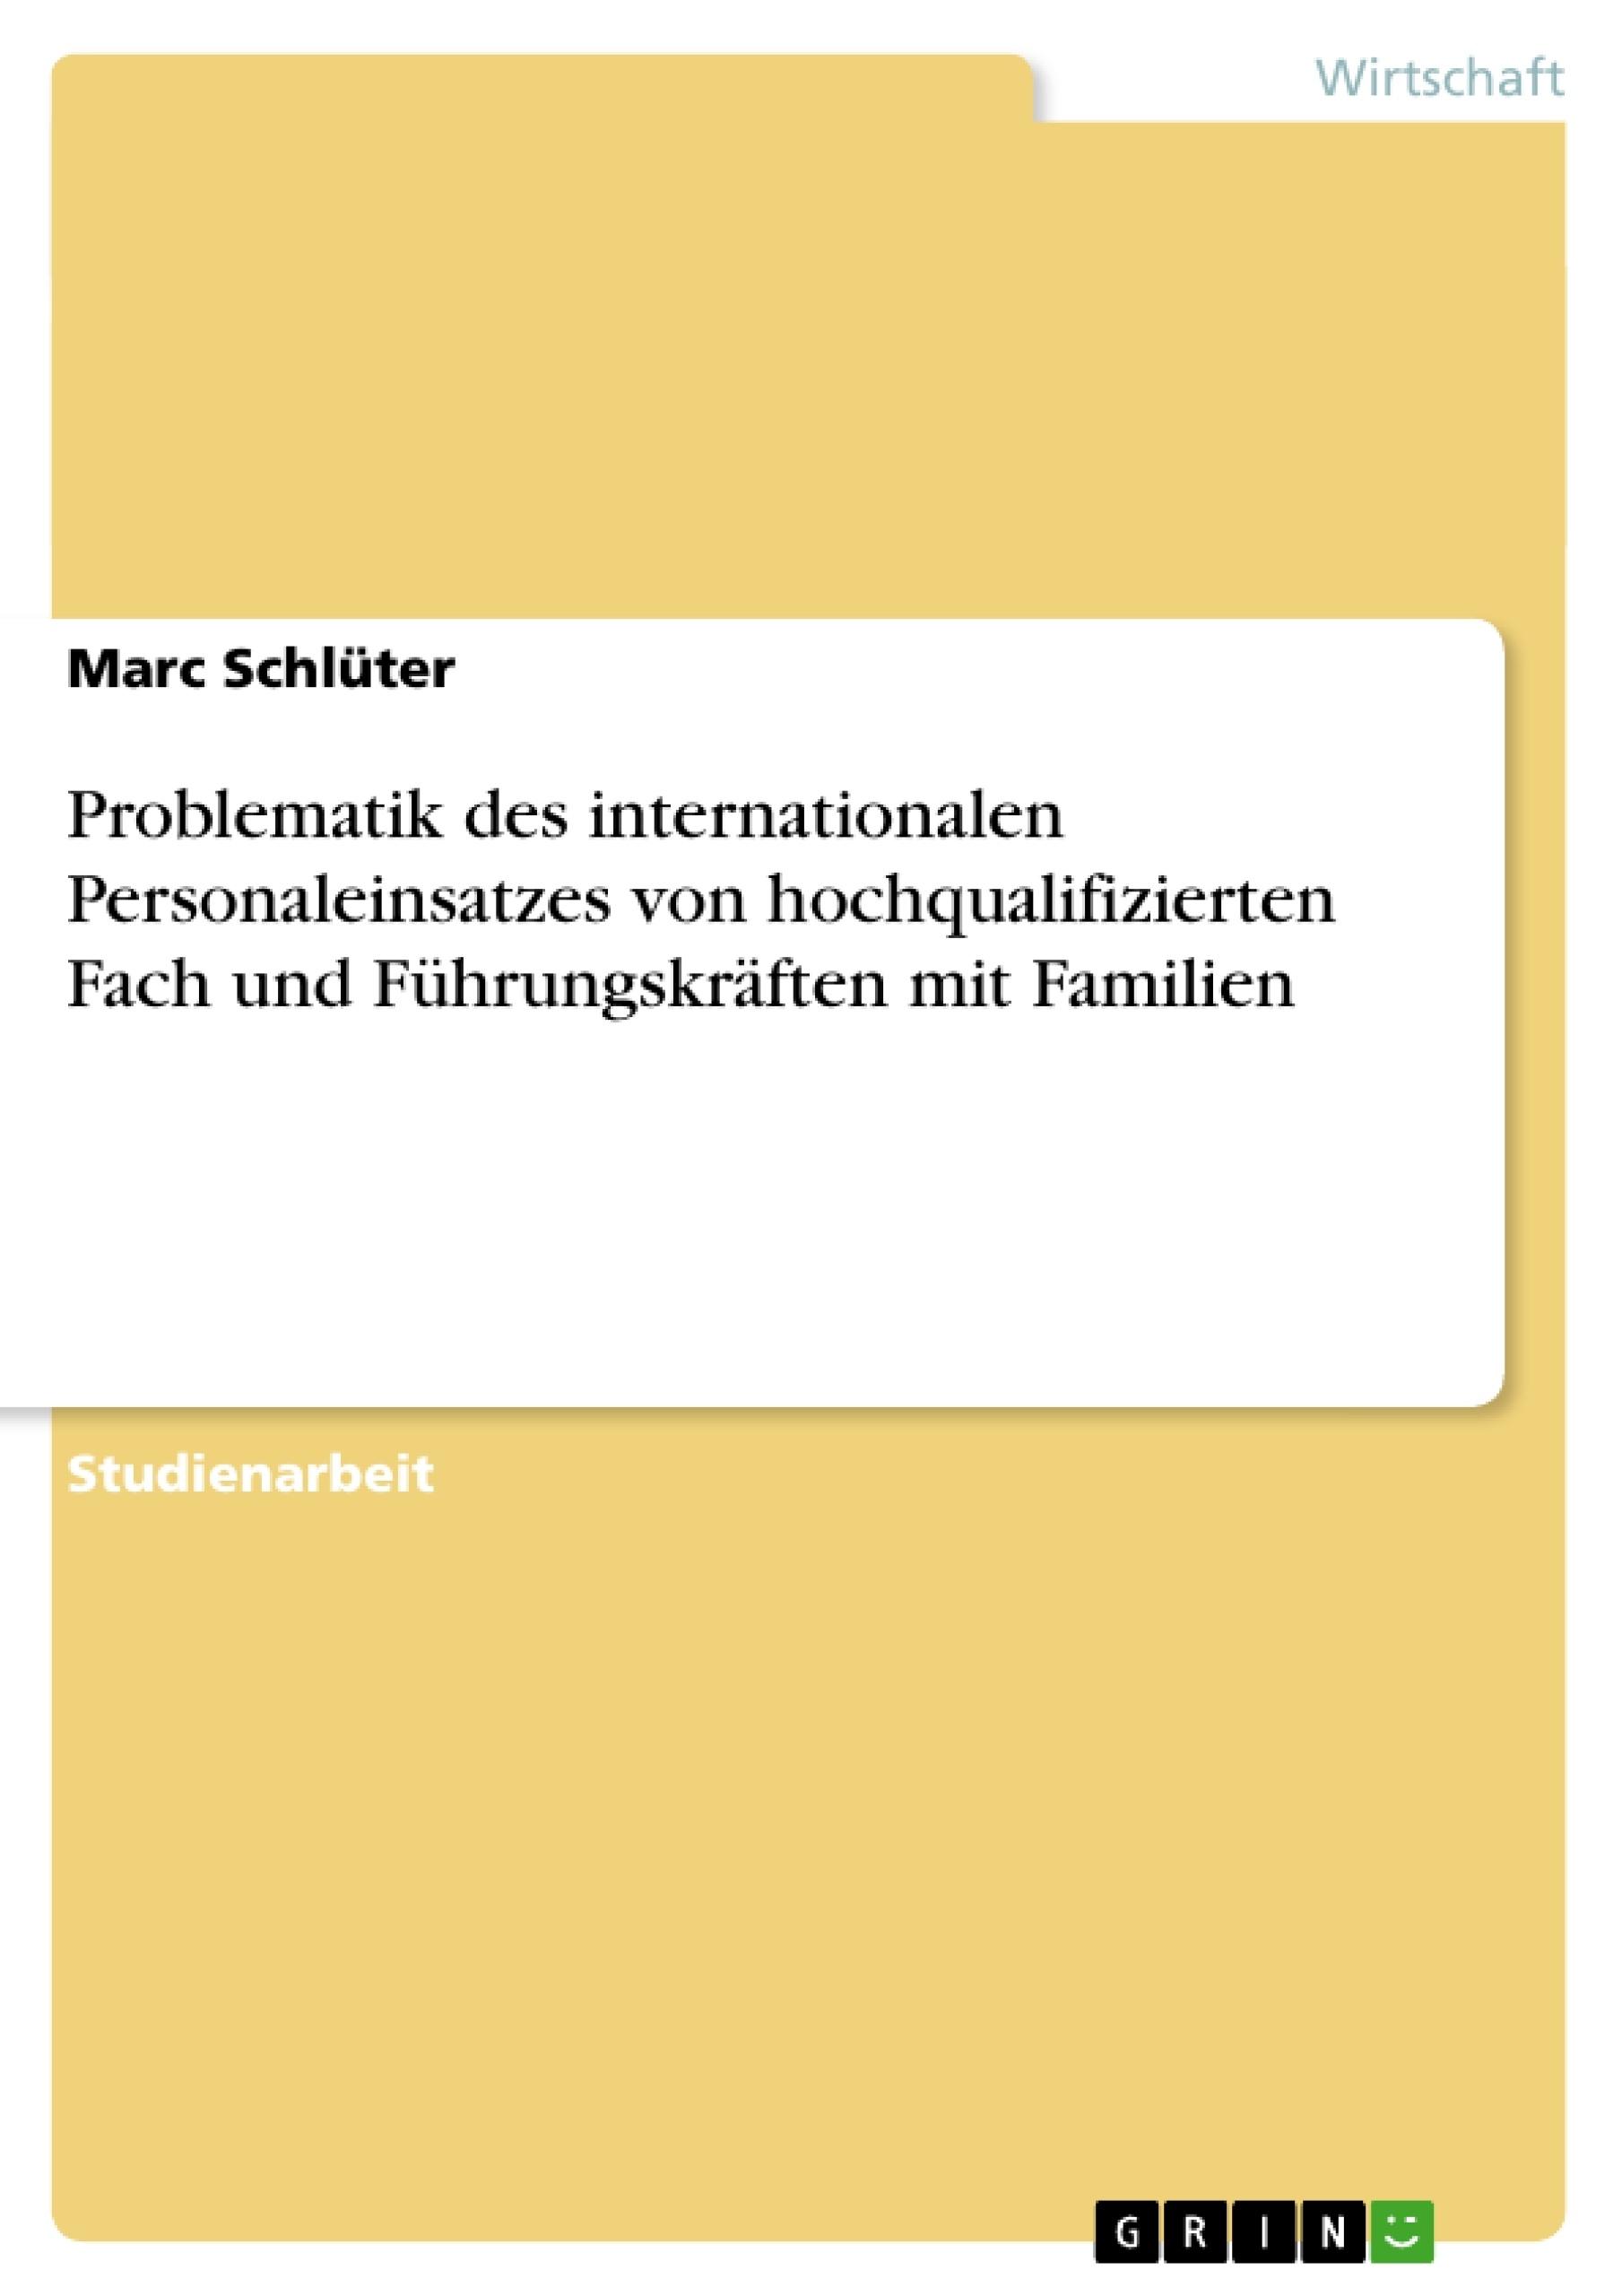 Titel: Problematik des internationalen Personaleinsatzes von hochqualifizierten Fach und Führungskräften mit Familien